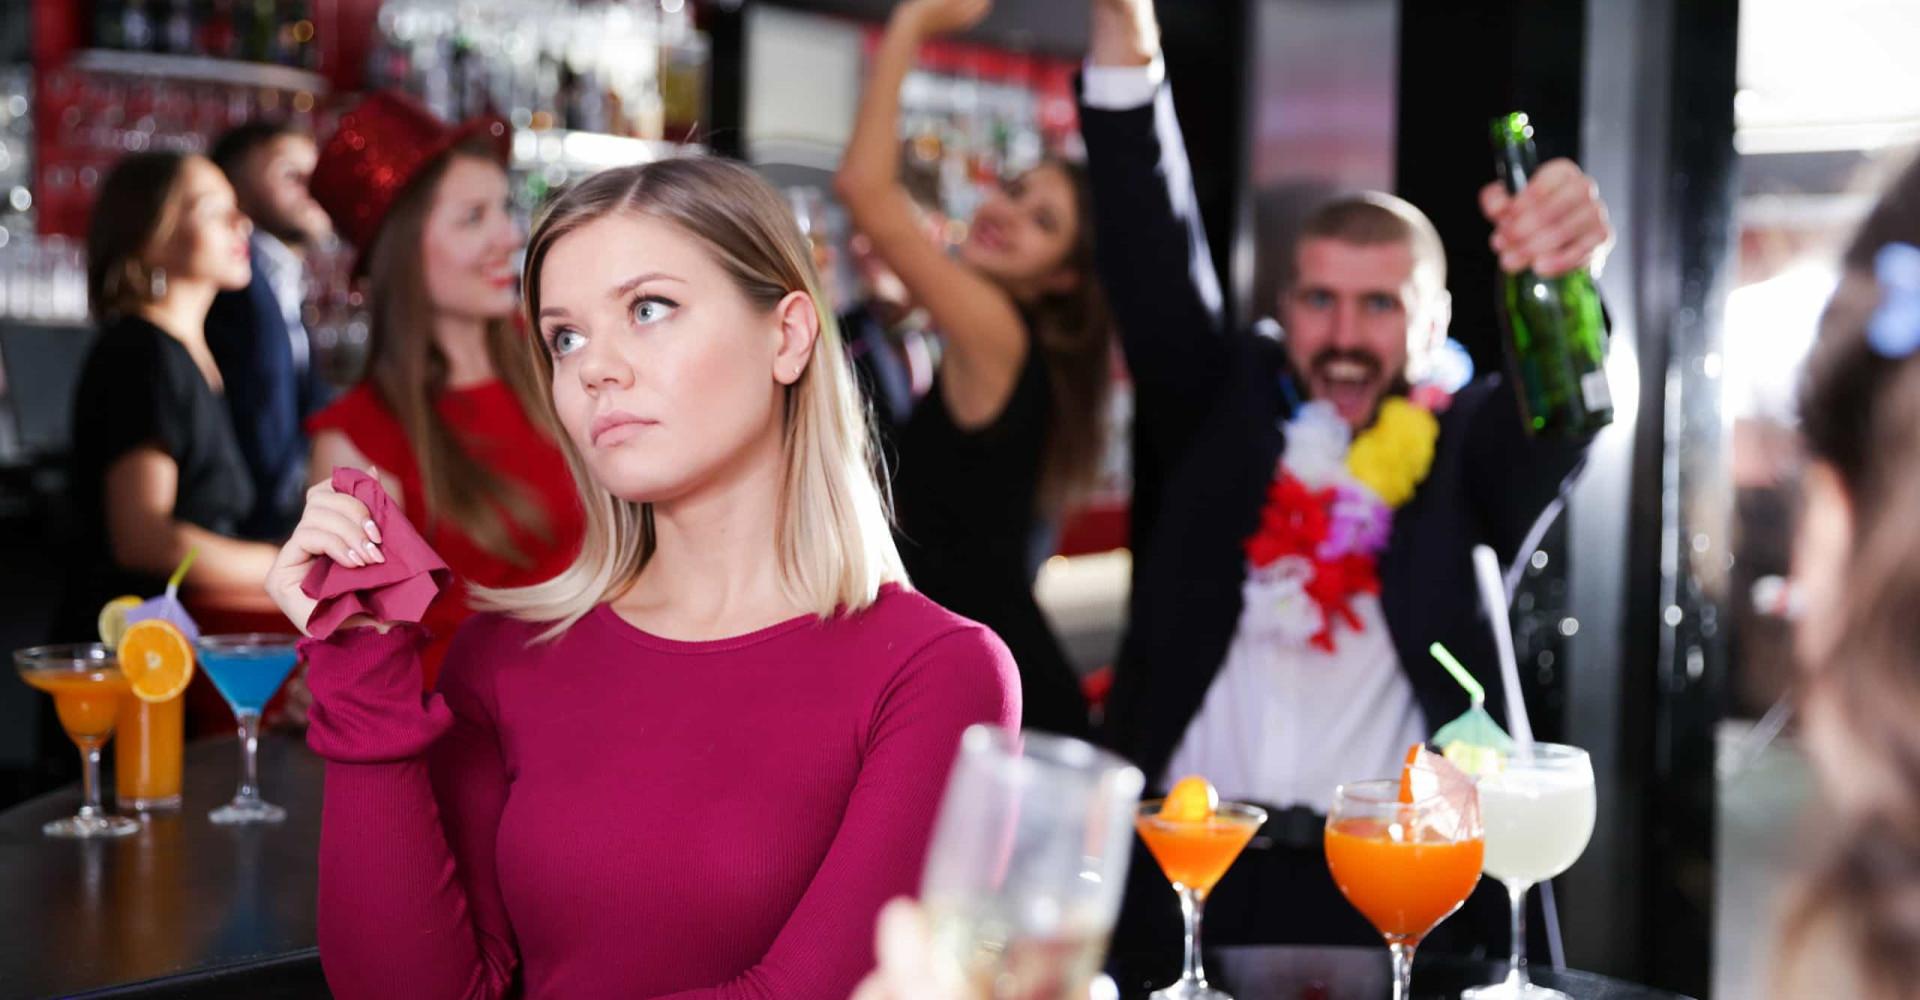 Formas de se divertir que não envolvem bebidas alcoólicas!